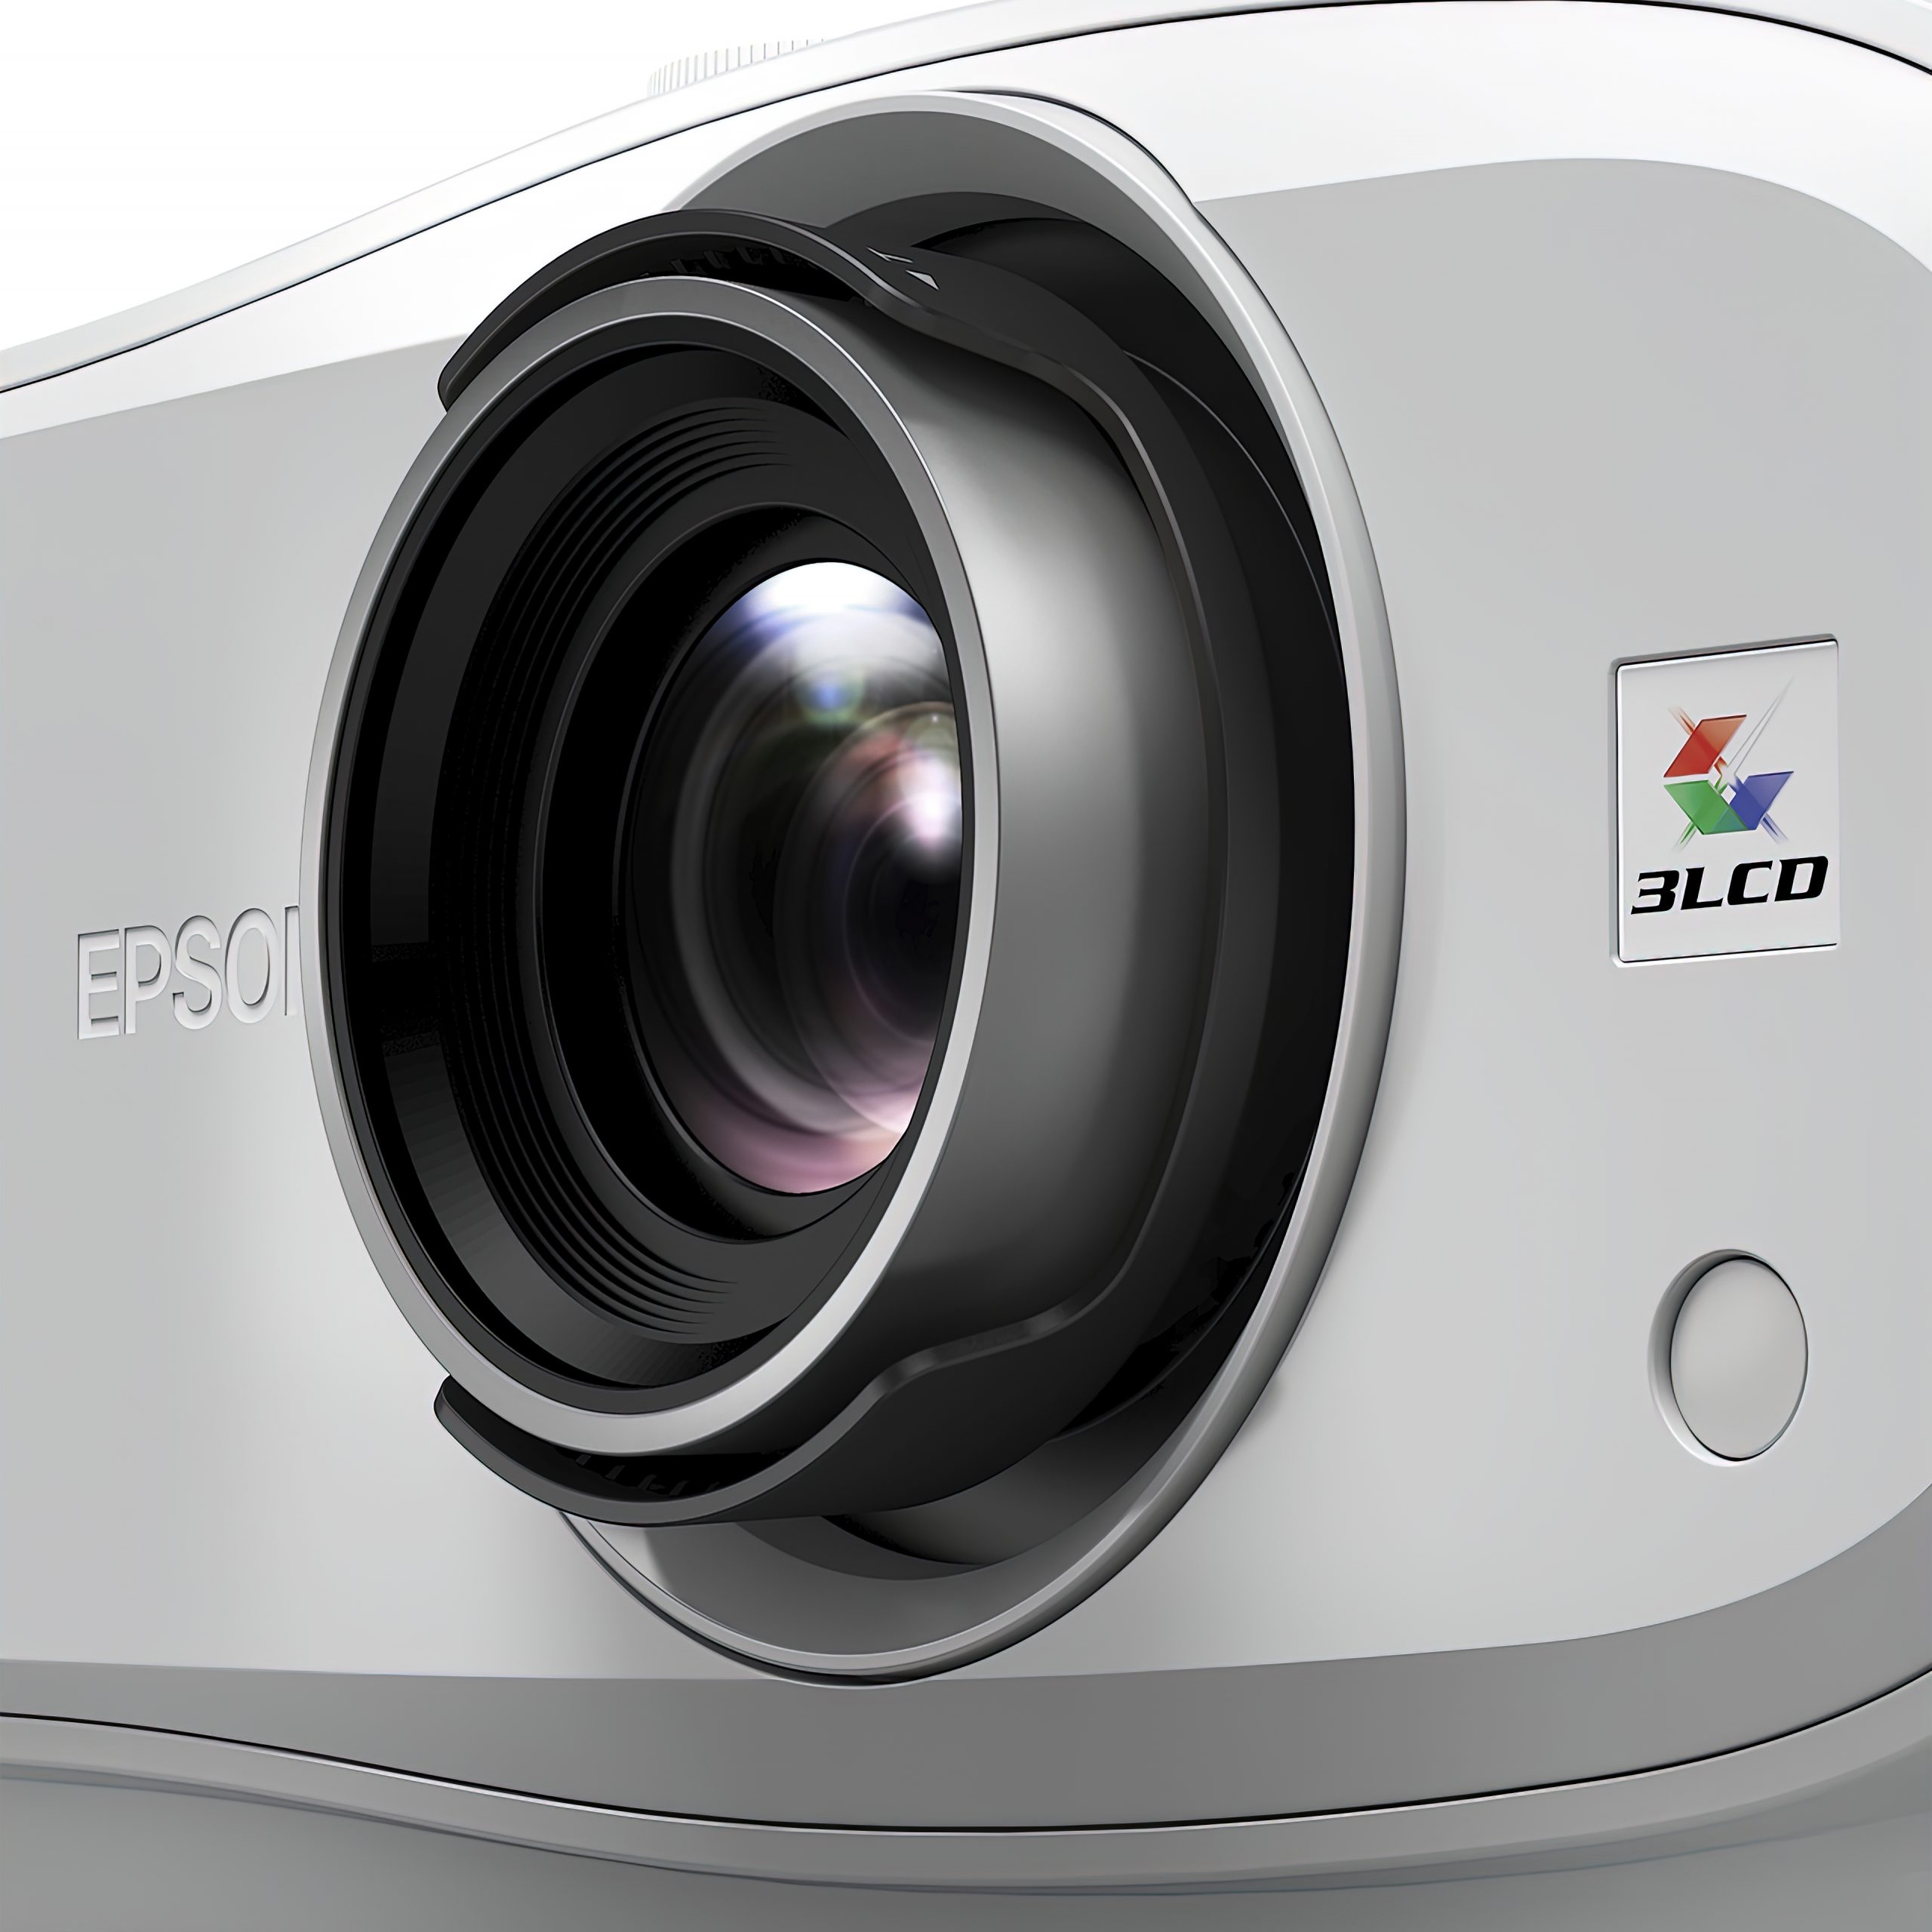 Epson eh-tw7000 lens